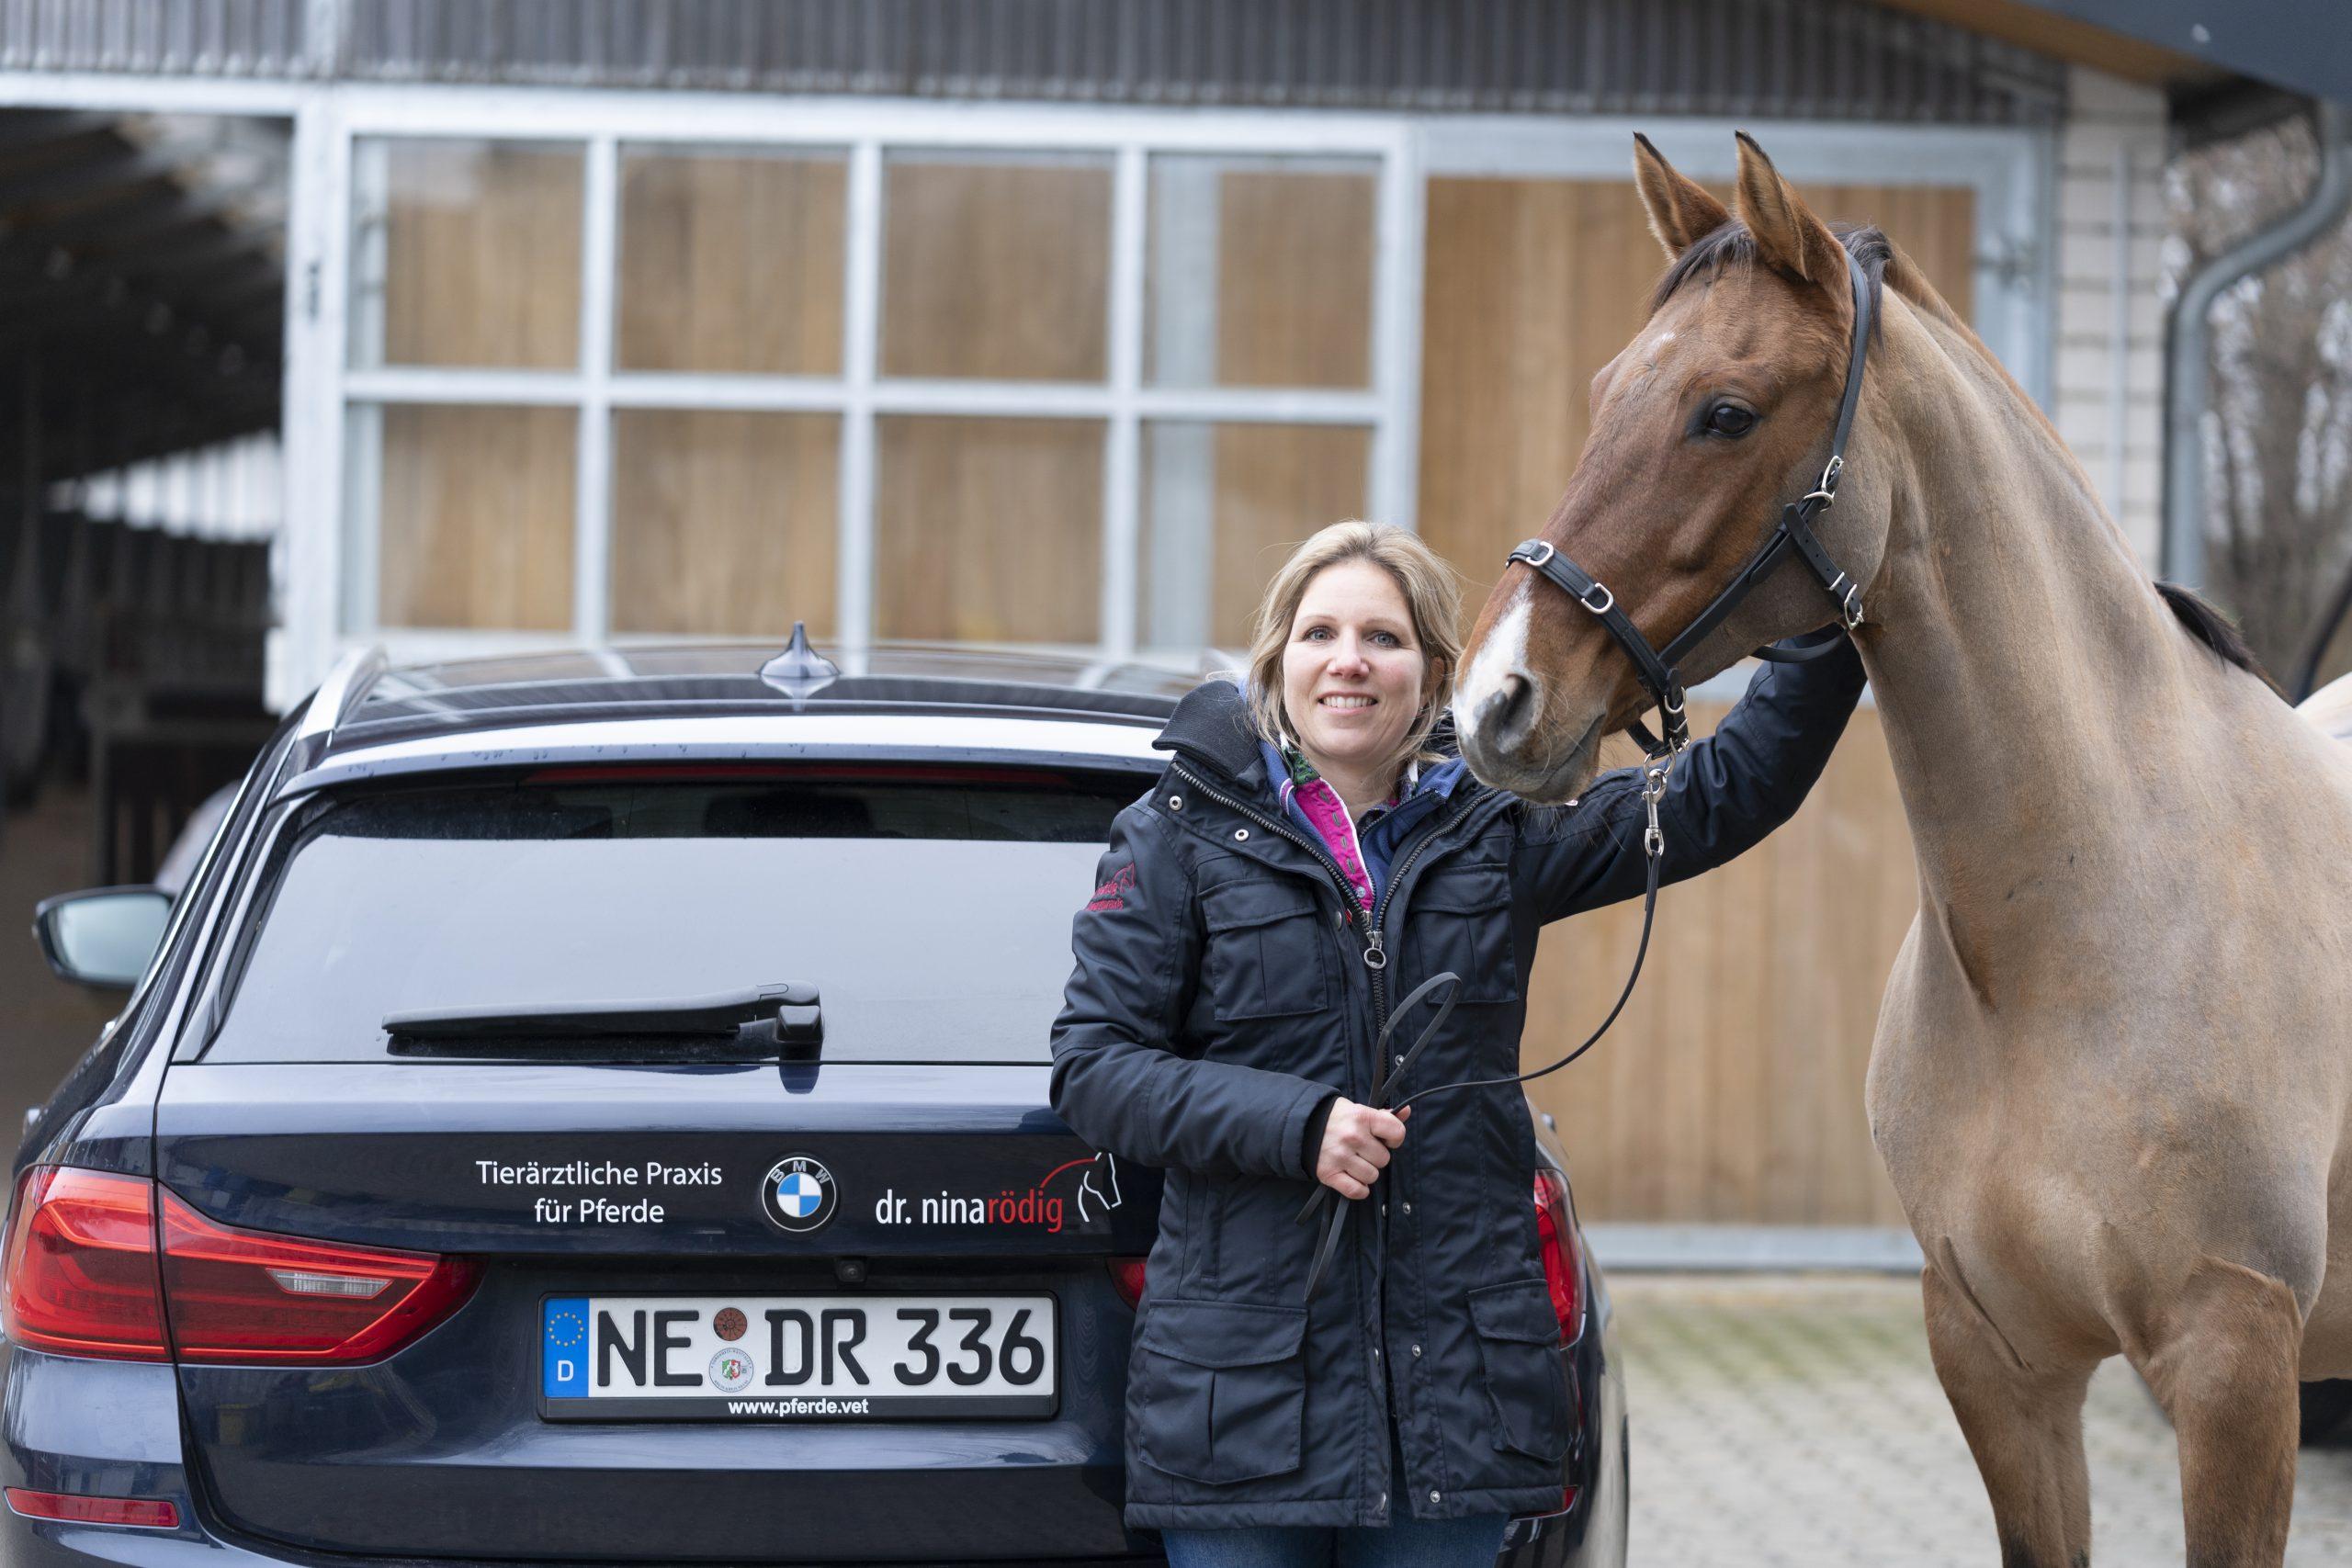 Tierärztliche Praxis für Pferde – Dr. Nina Rödig